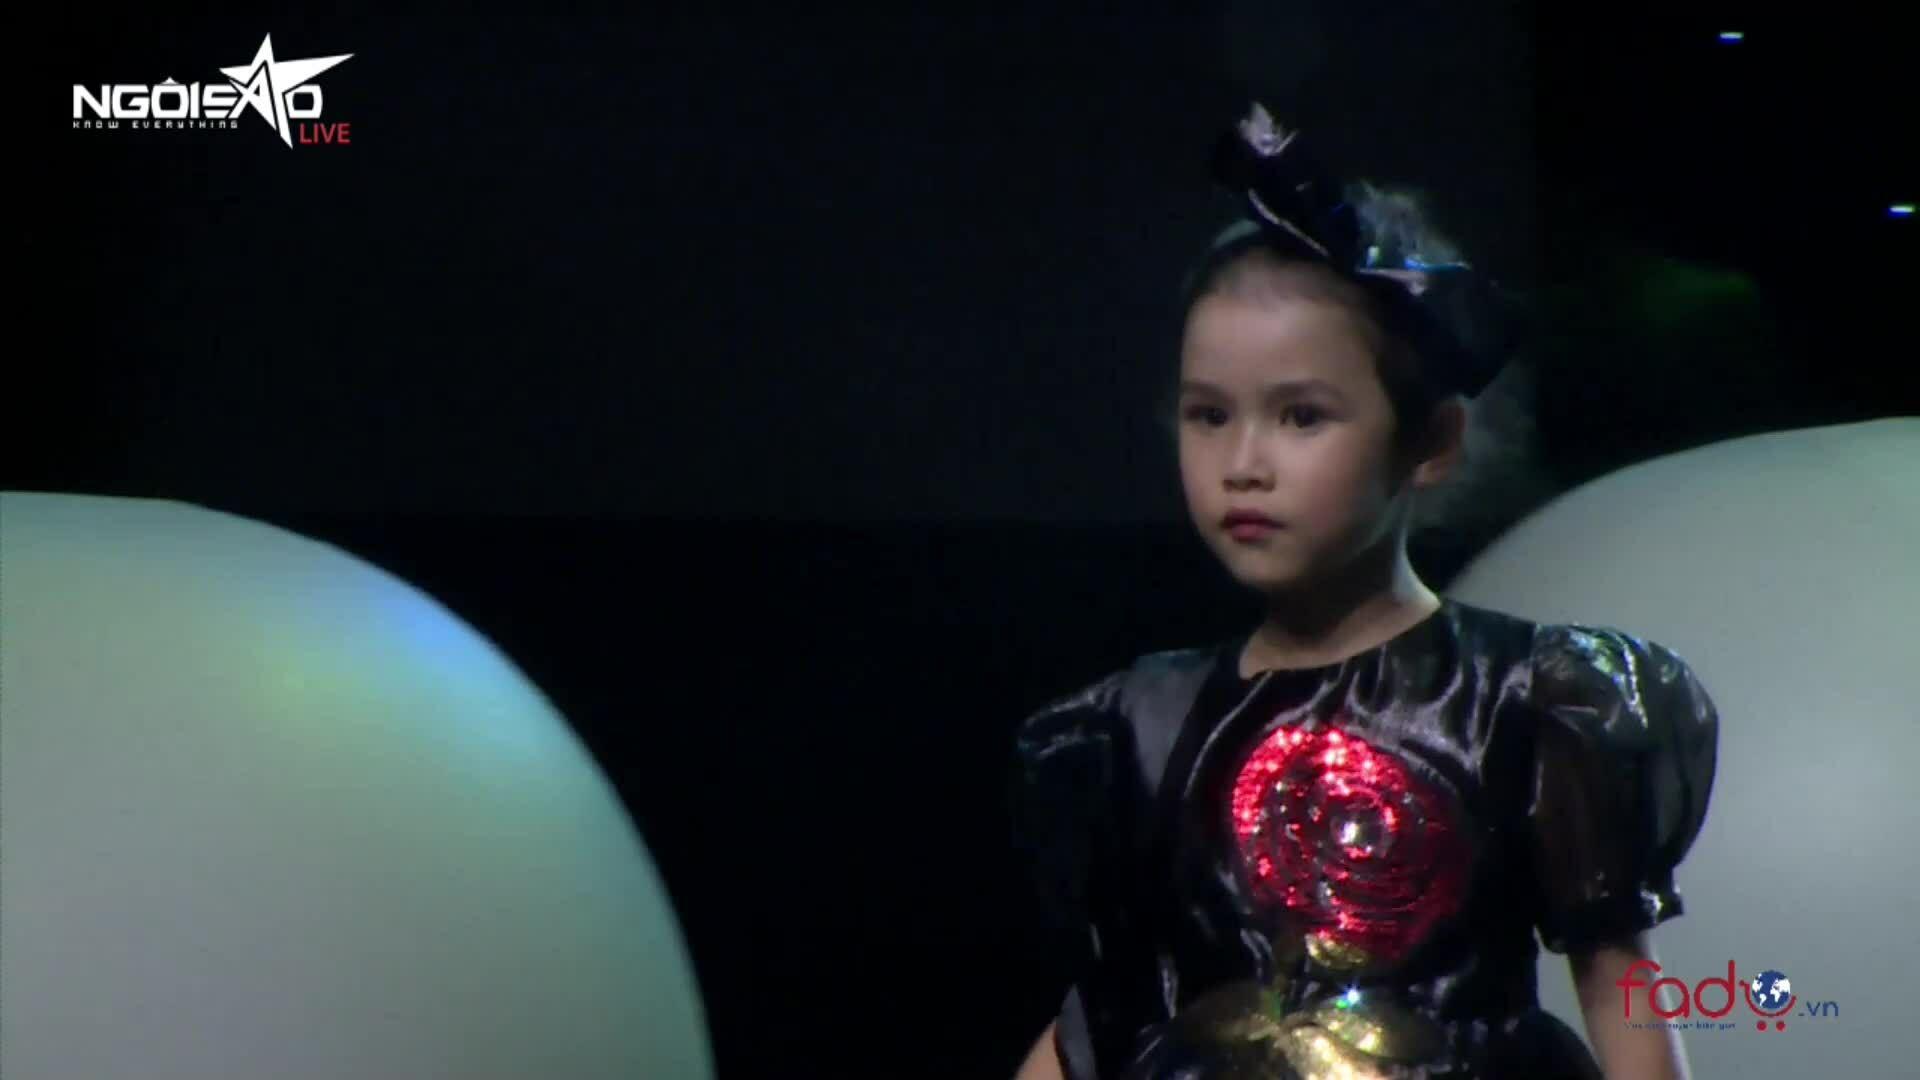 Dàn người mẫu nhí trình diễn tiệc sinh nhật 15 năm Ngoisao.net